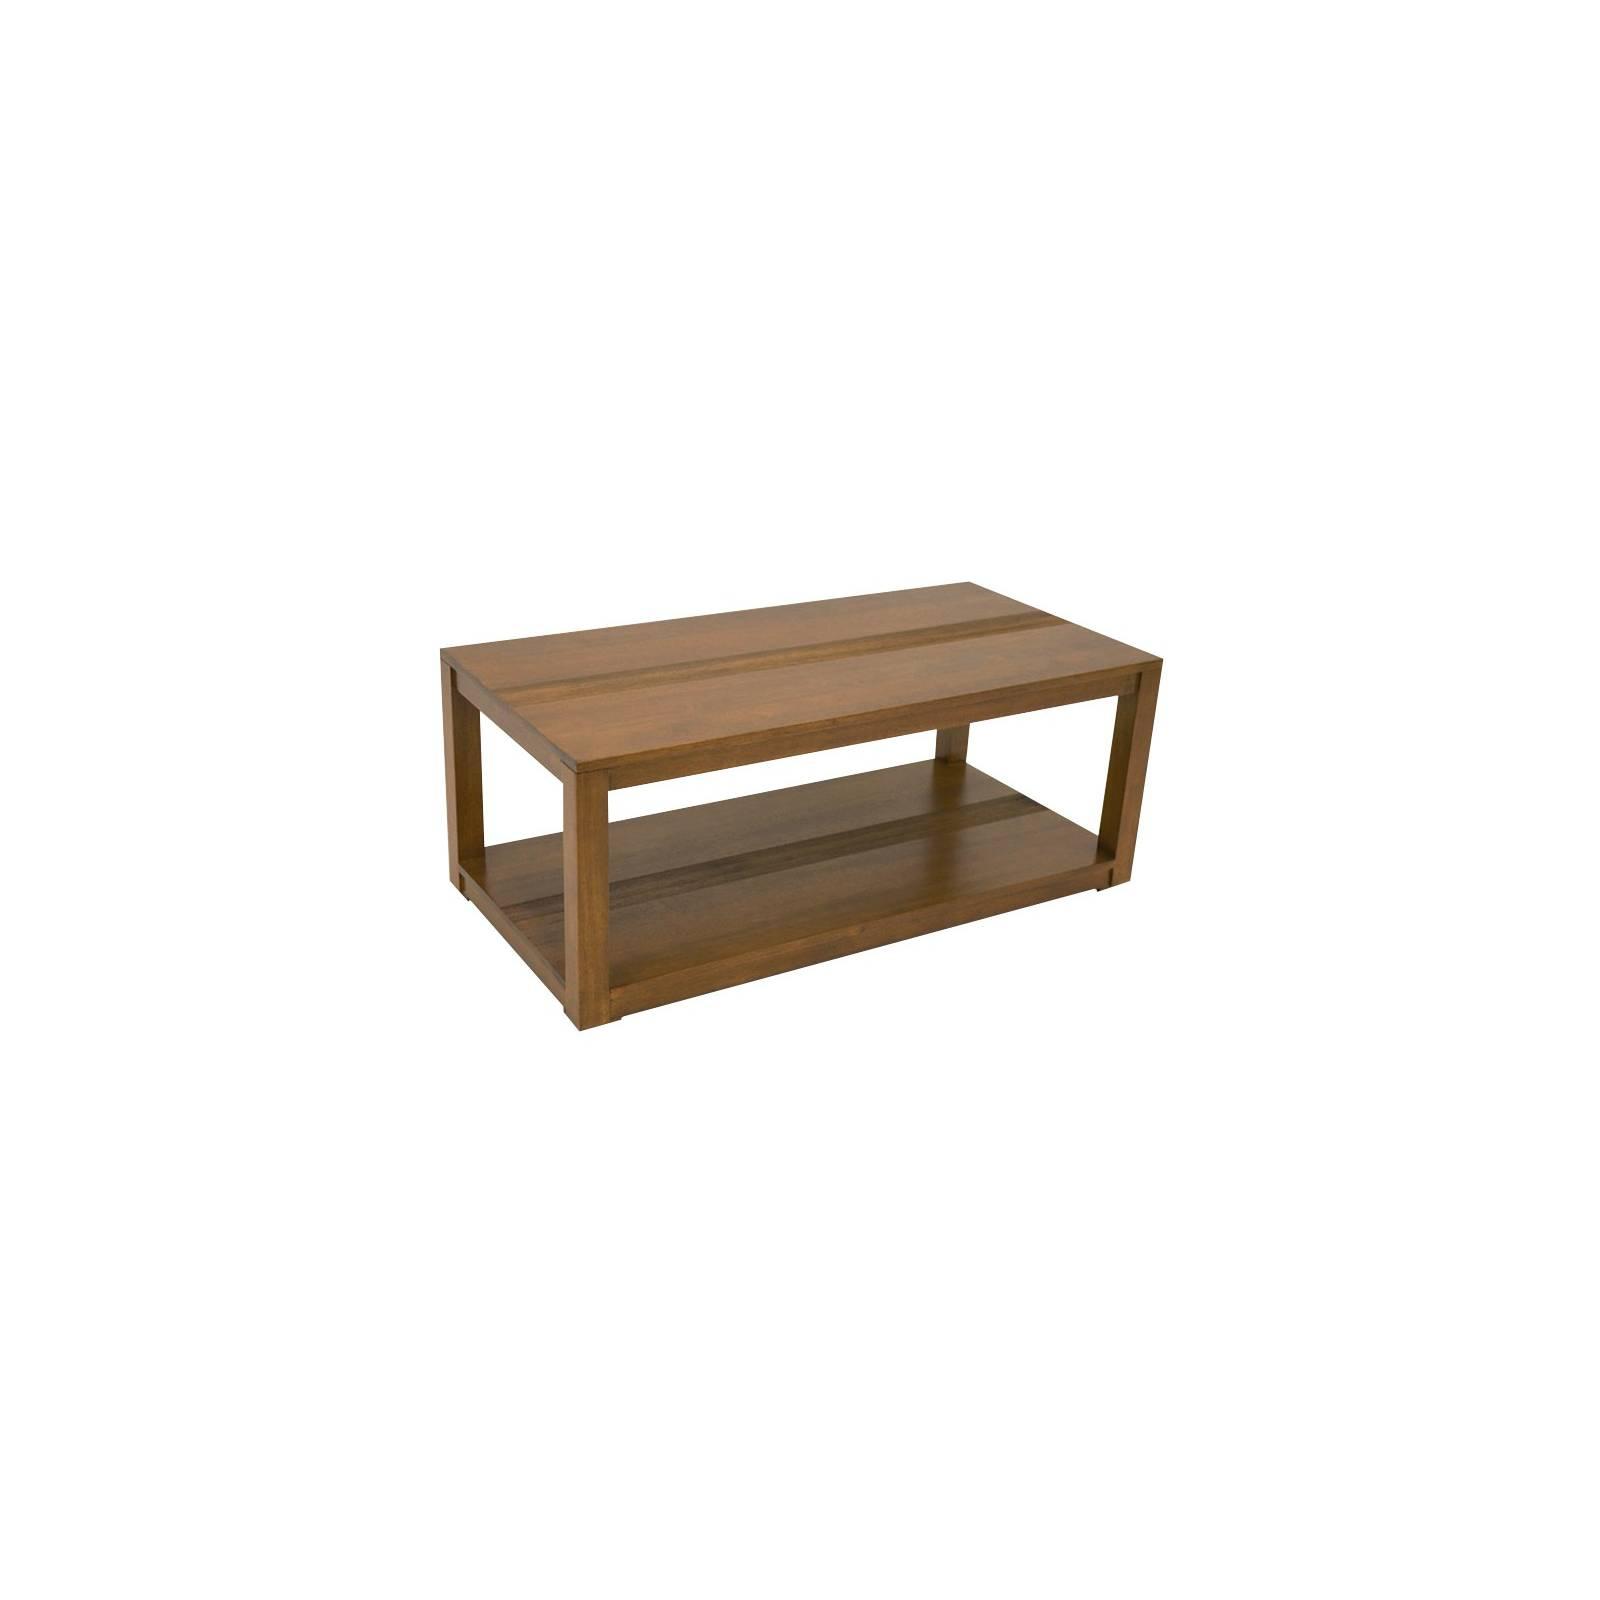 Table Basse Rectangulaire PM Siguiri Hévéa - meuble bois massif